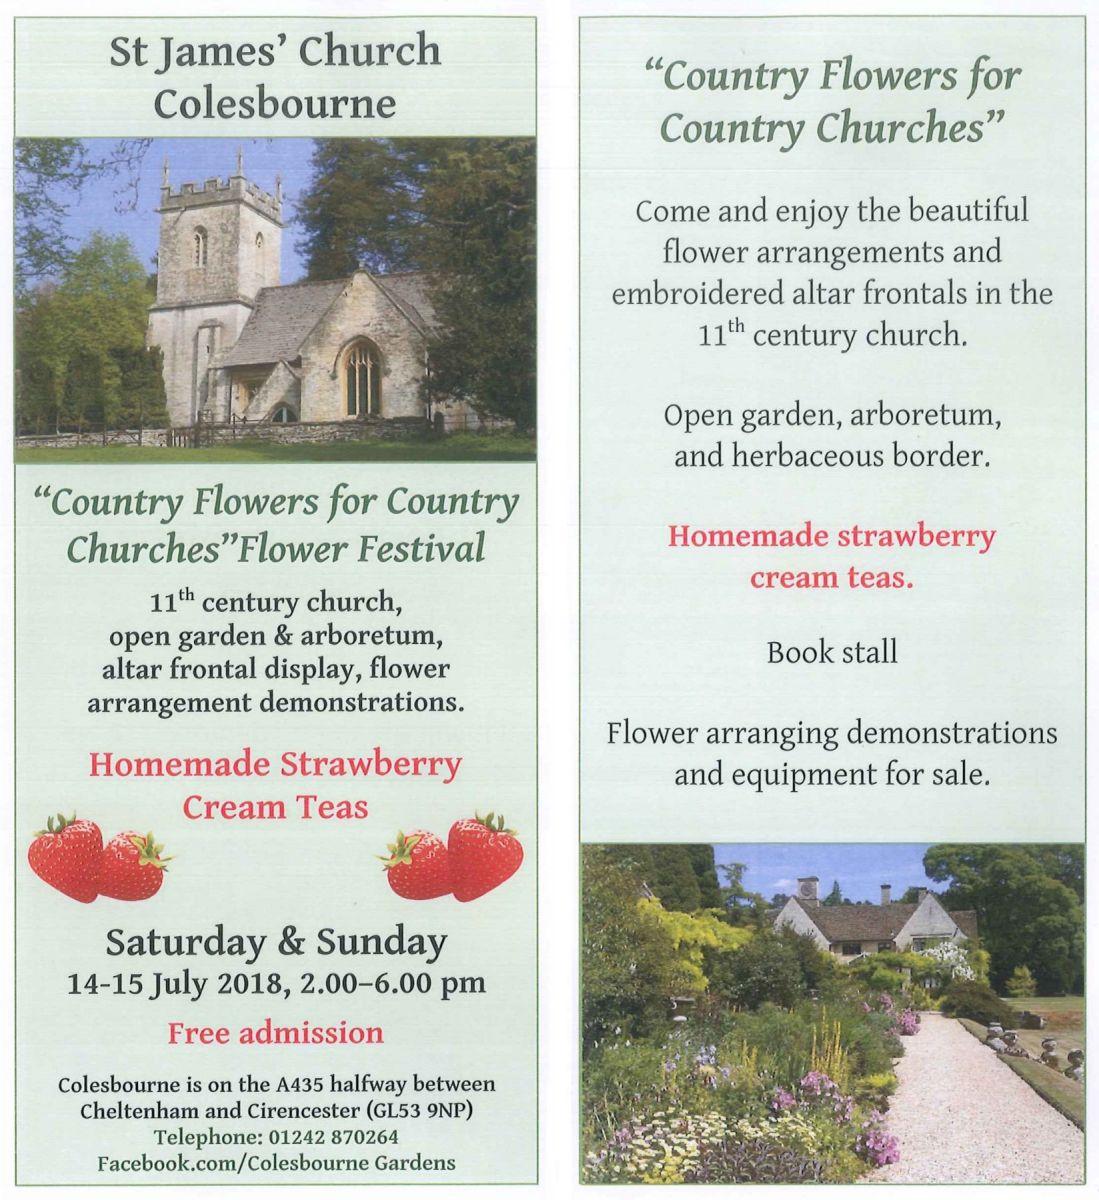 St James' Church Colesbourne Flower Festival